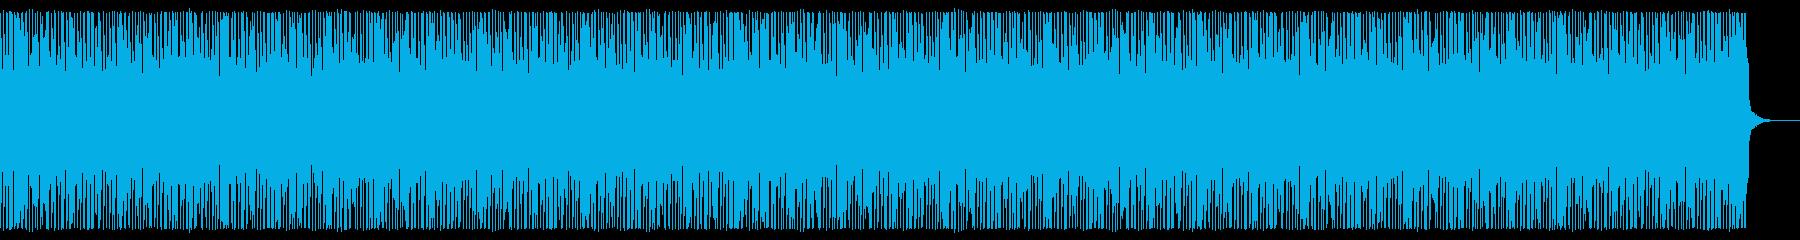 疾走 エレキギター 高速 スピード感の再生済みの波形